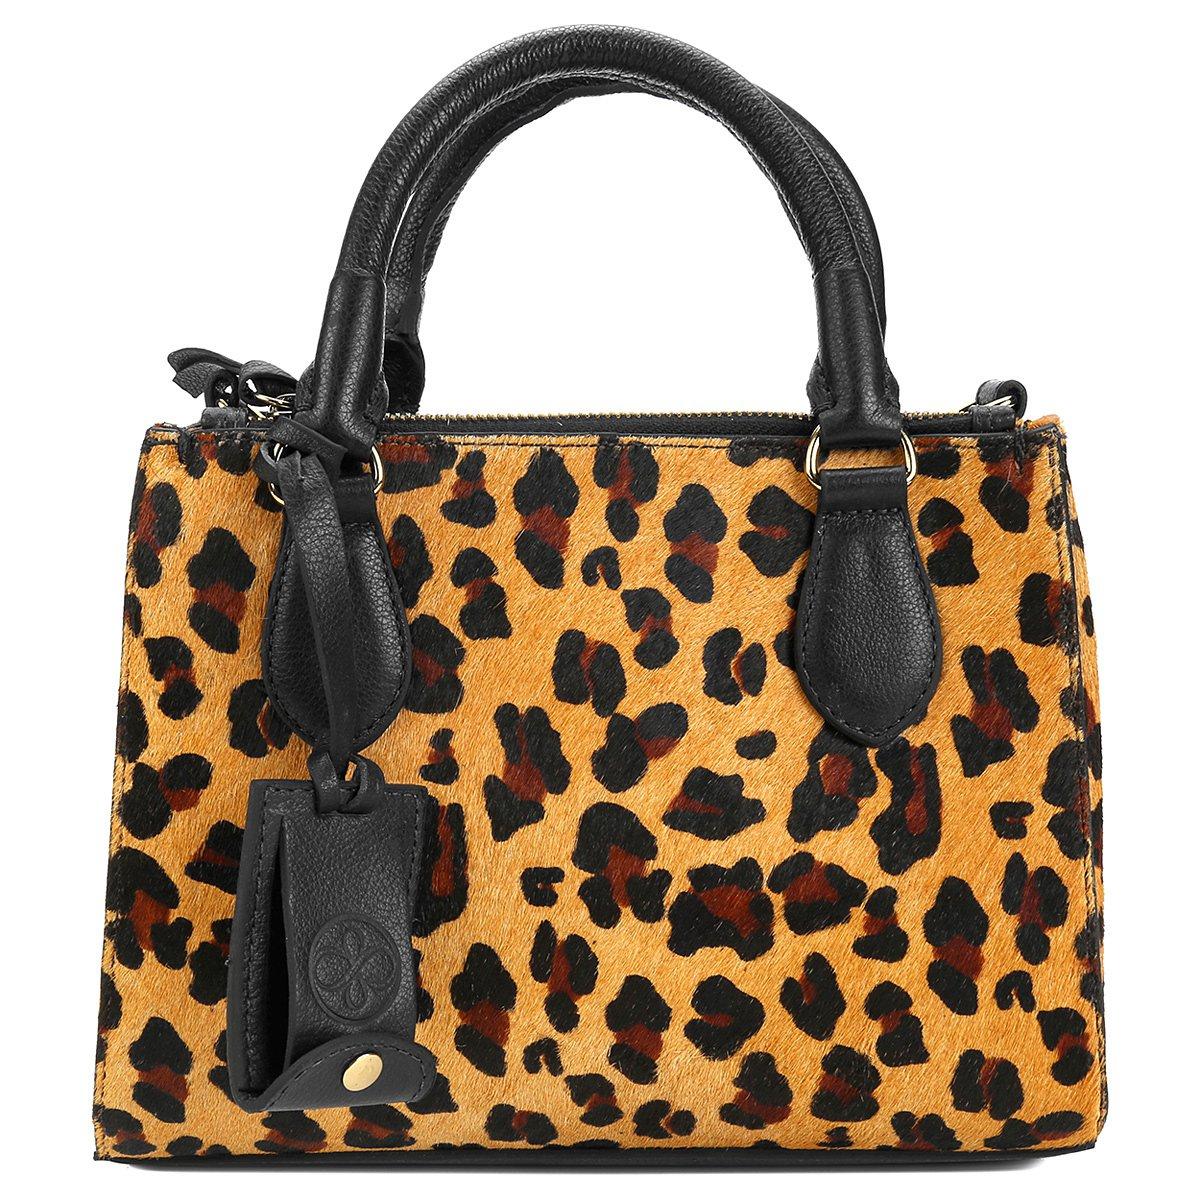 Bolsa De Couro Richards : Bolsa couro shoestock satchel divis?rias feminina on?a